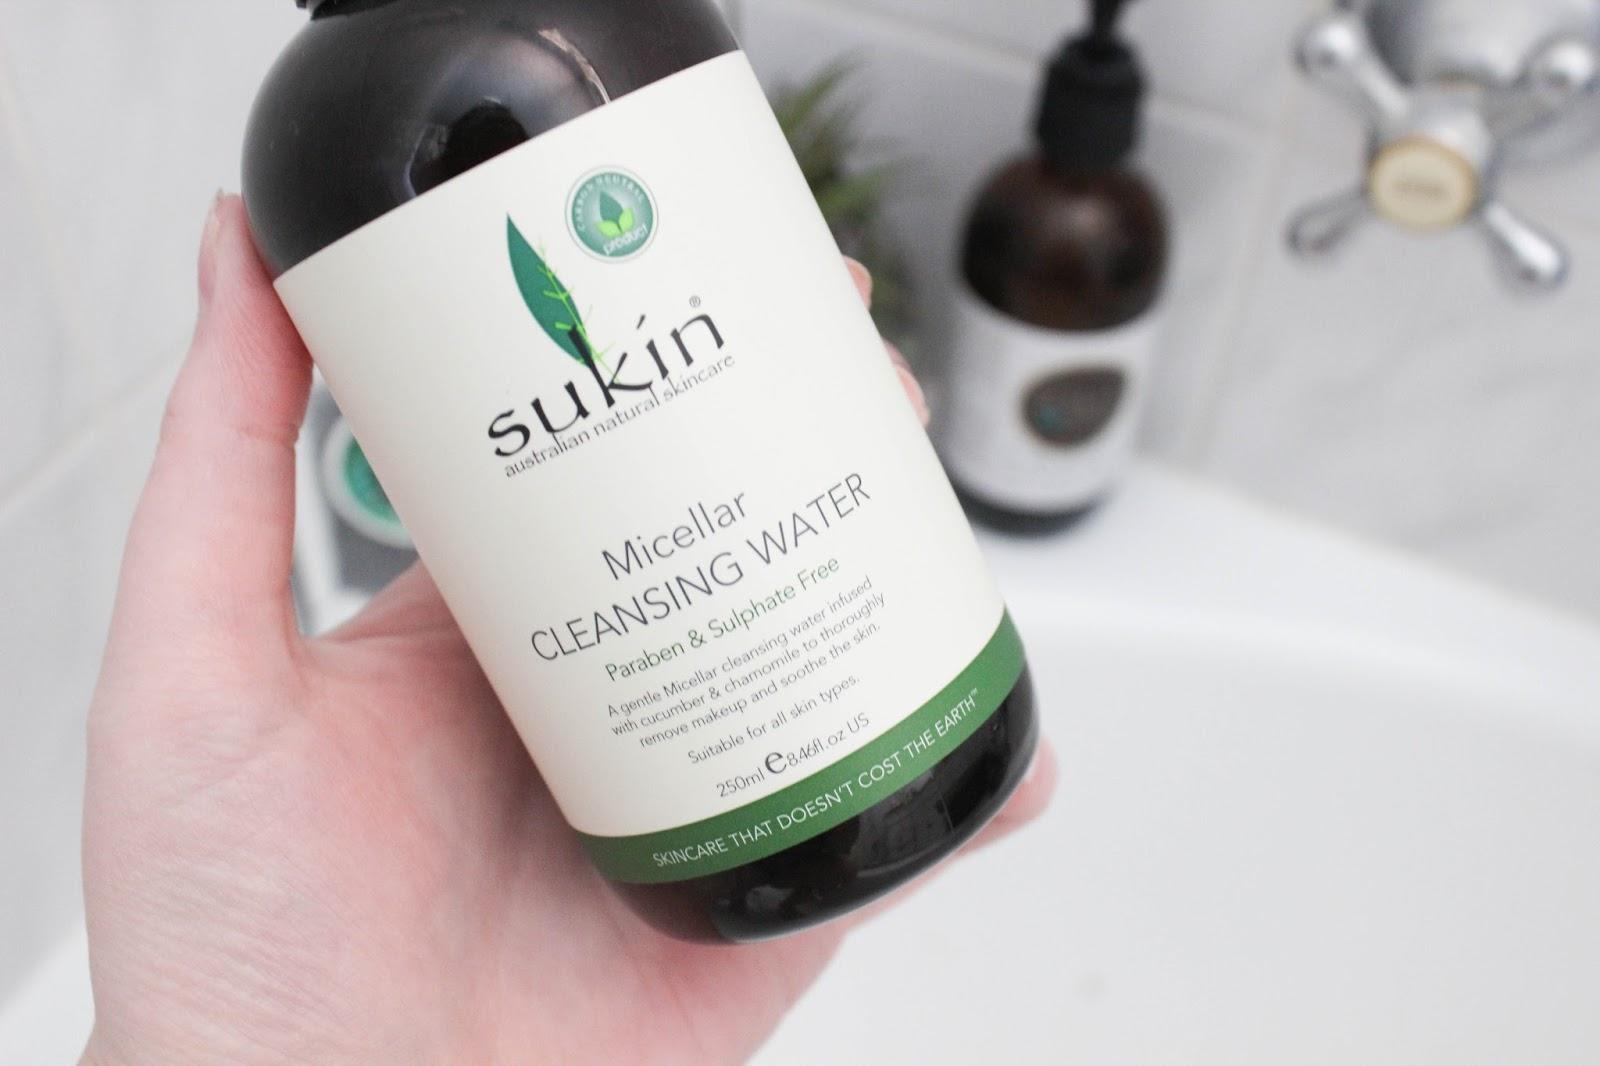 review nước tẩy trang sukin về bao bì, nước tẩy trang sukin, nước tẩy trang sukin review